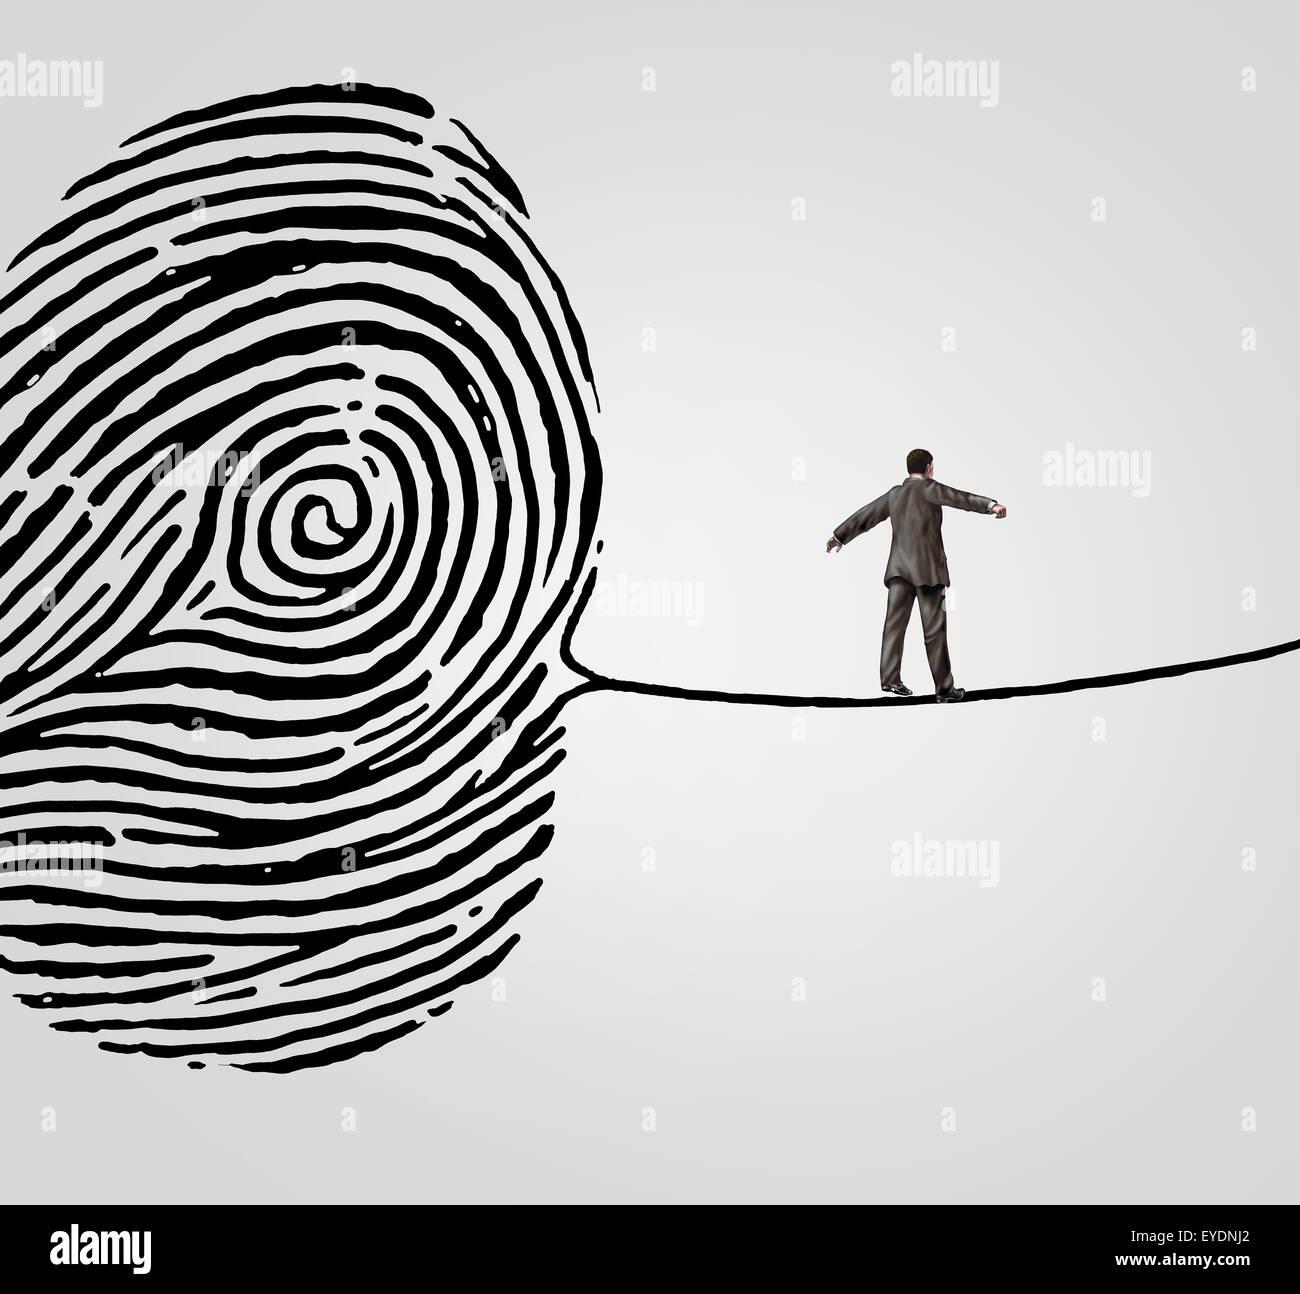 Il cliente per la sicurezza delle informazioni il concetto di rischio come una persona che cammina su un finger Immagini Stock